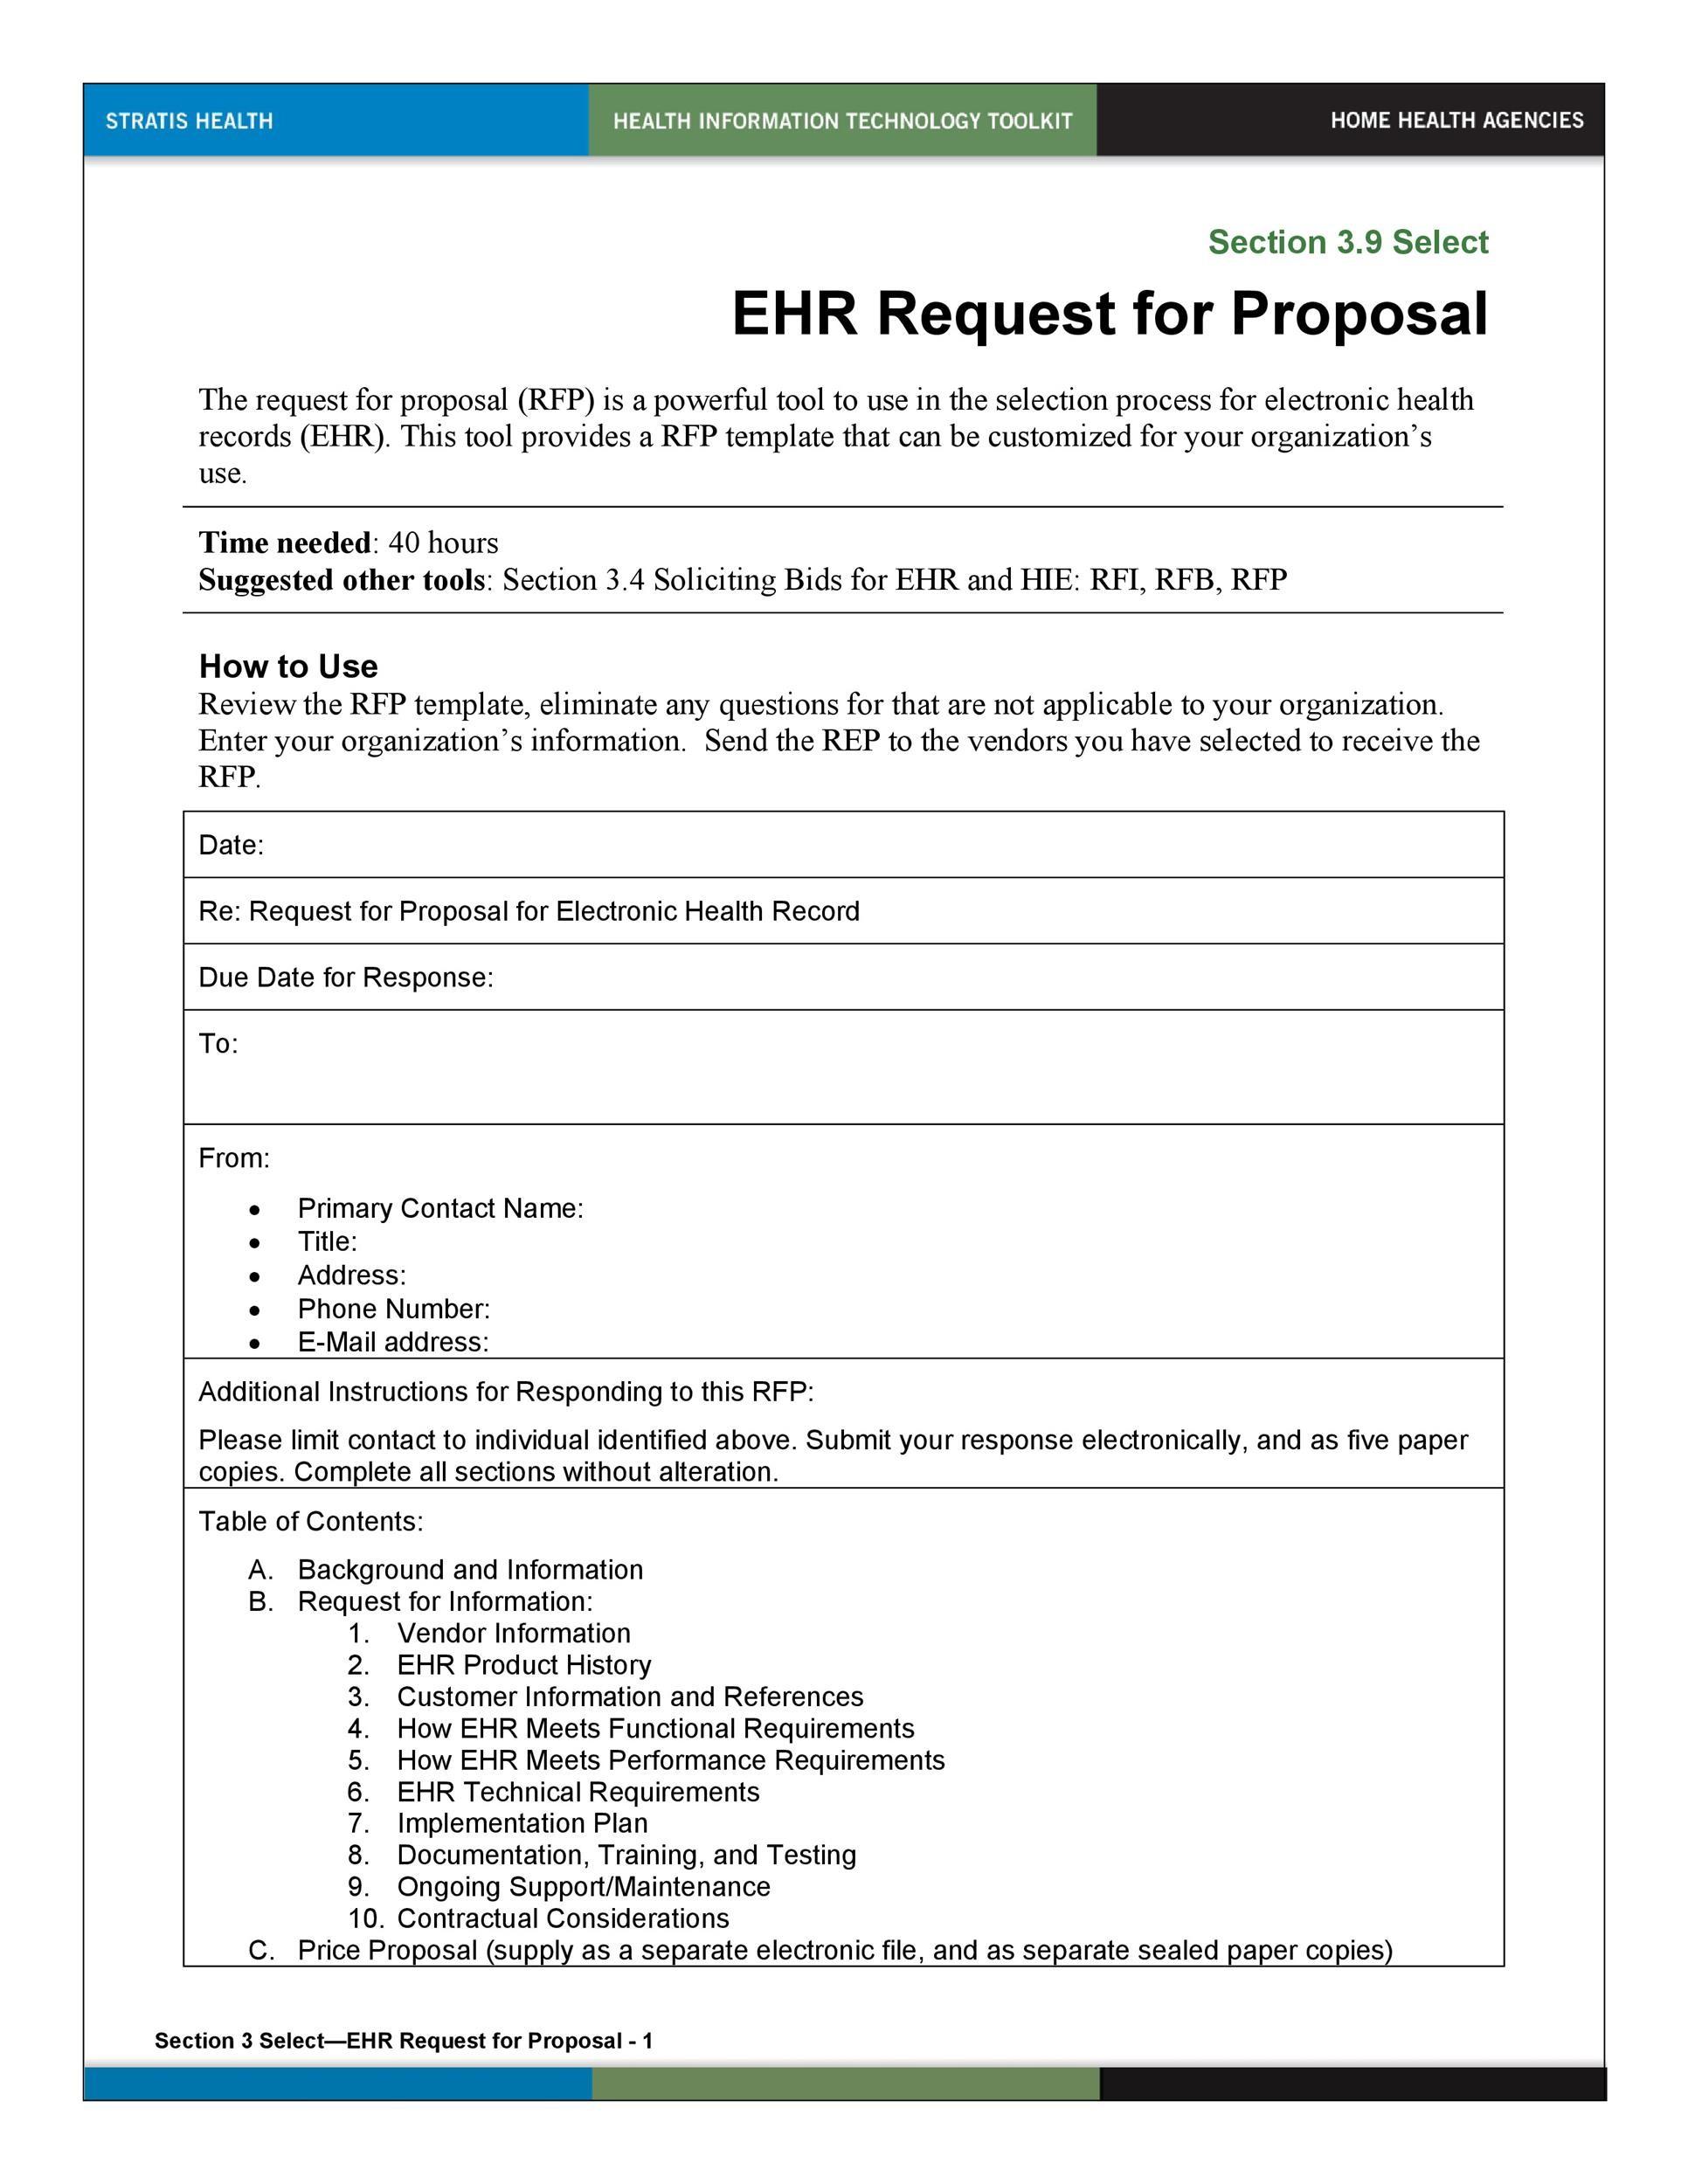 seo proposal template seo proposal templates seo proposal